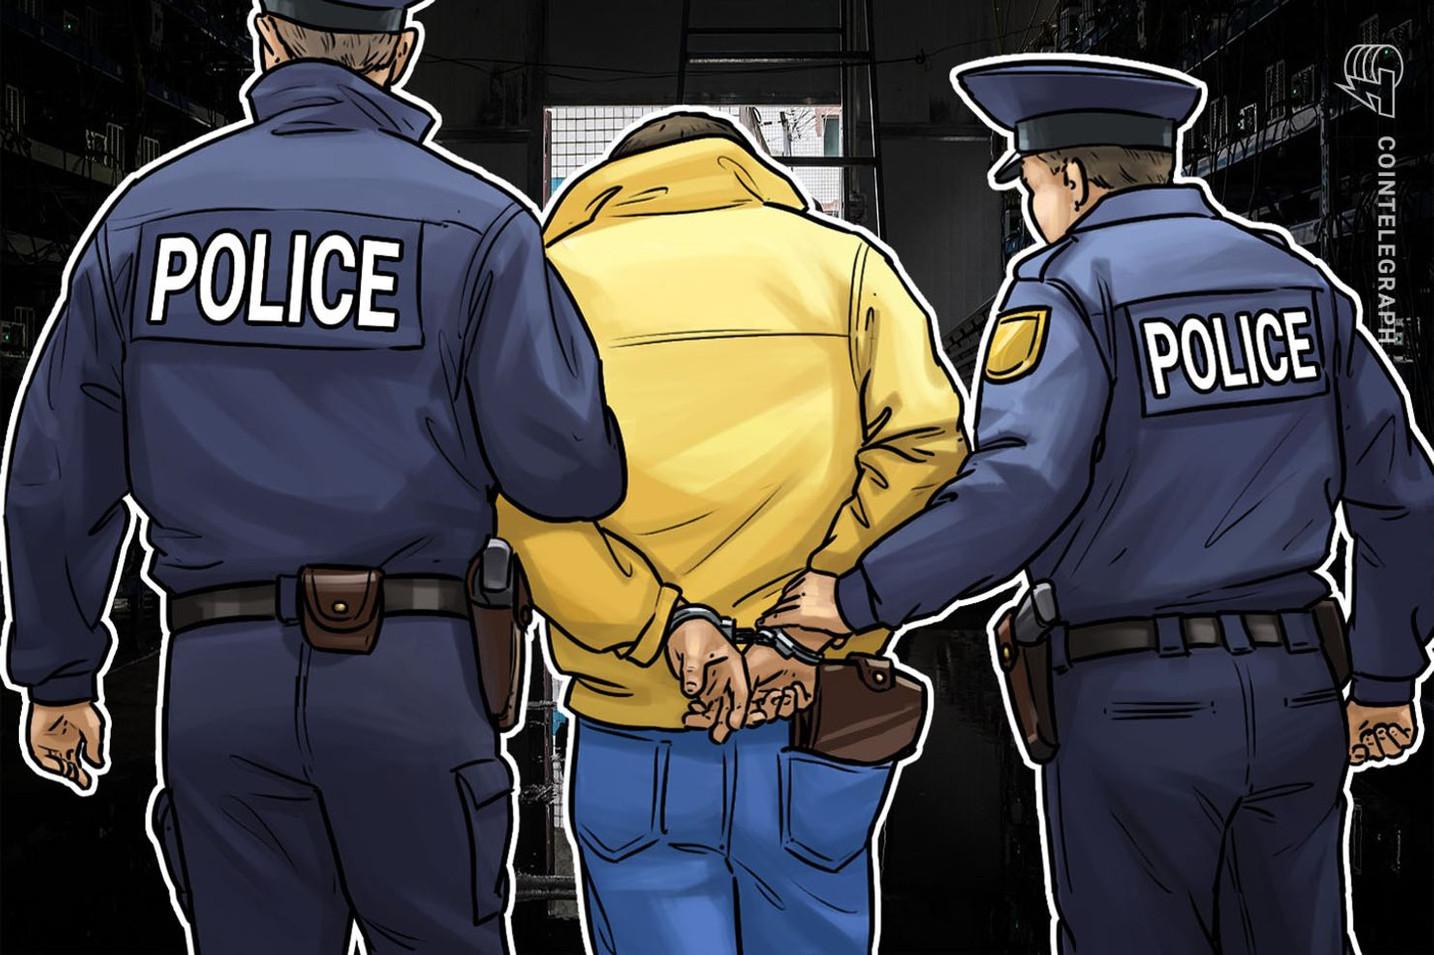 仮想通貨トレーダーKazmax容疑者逮捕 合成麻薬の使用で=産経【ニュース】